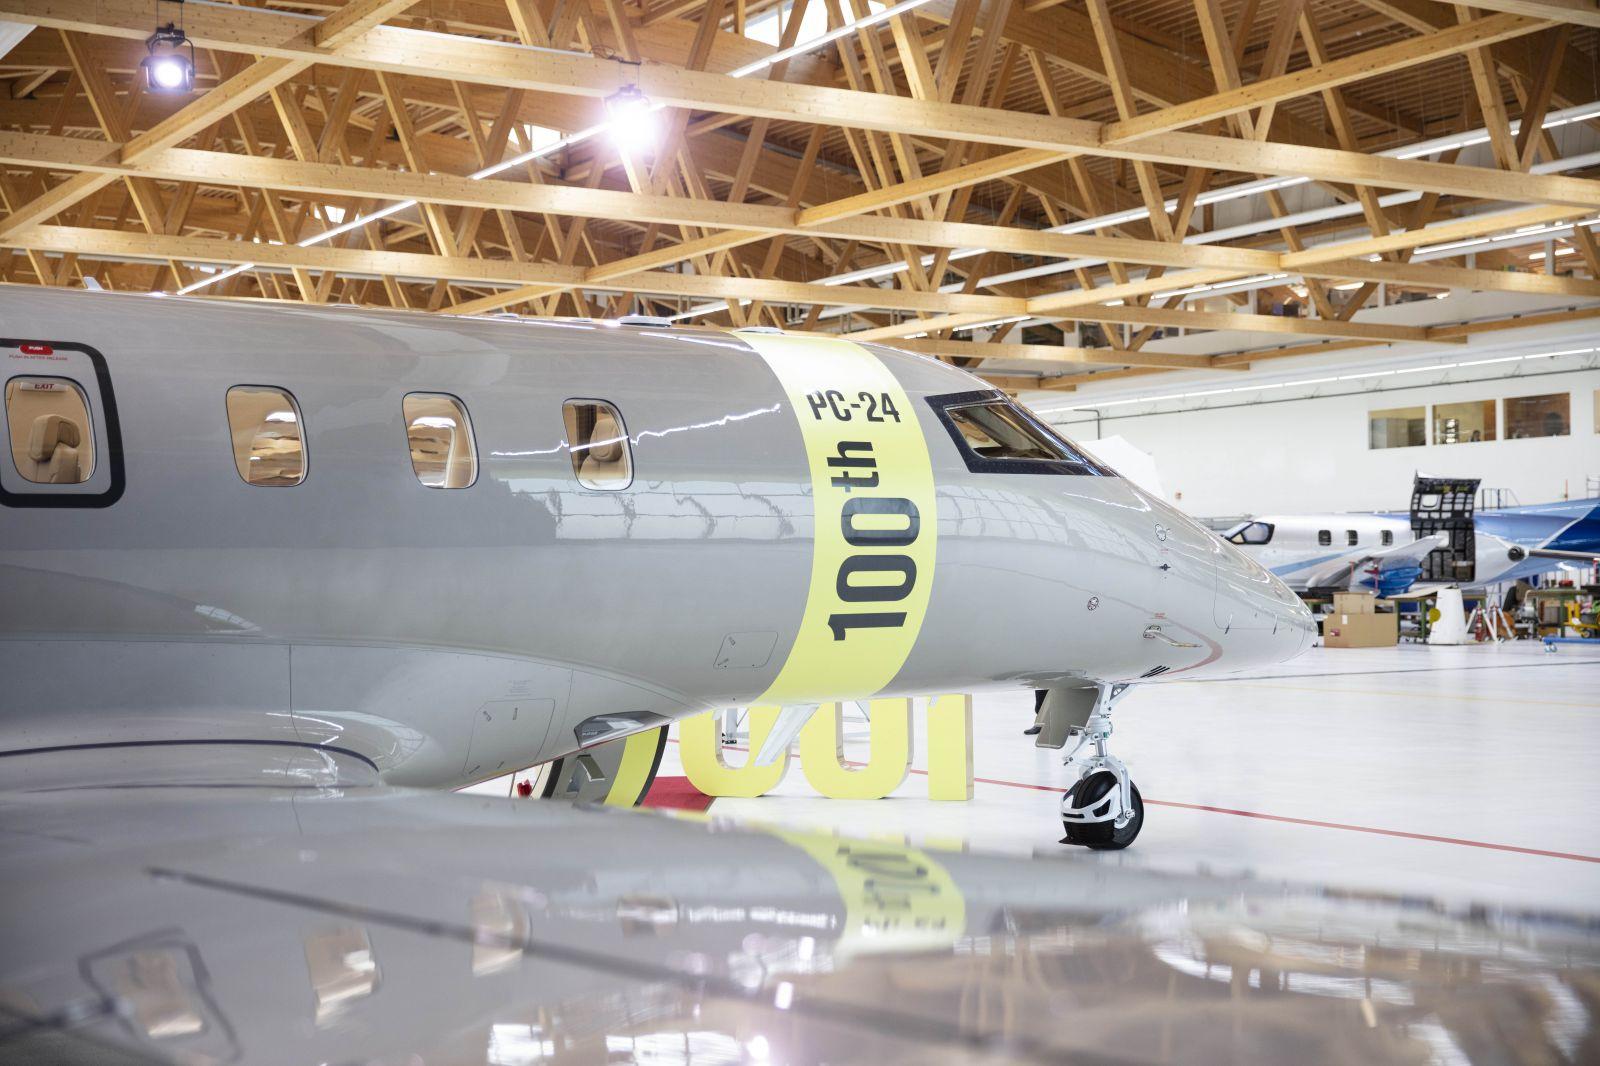 Бизнес джета PC-24 - 100 доставени самолета от 2018 г. досега (ЕКСКЛУЗИВНА ГАЛЕРИЯ)